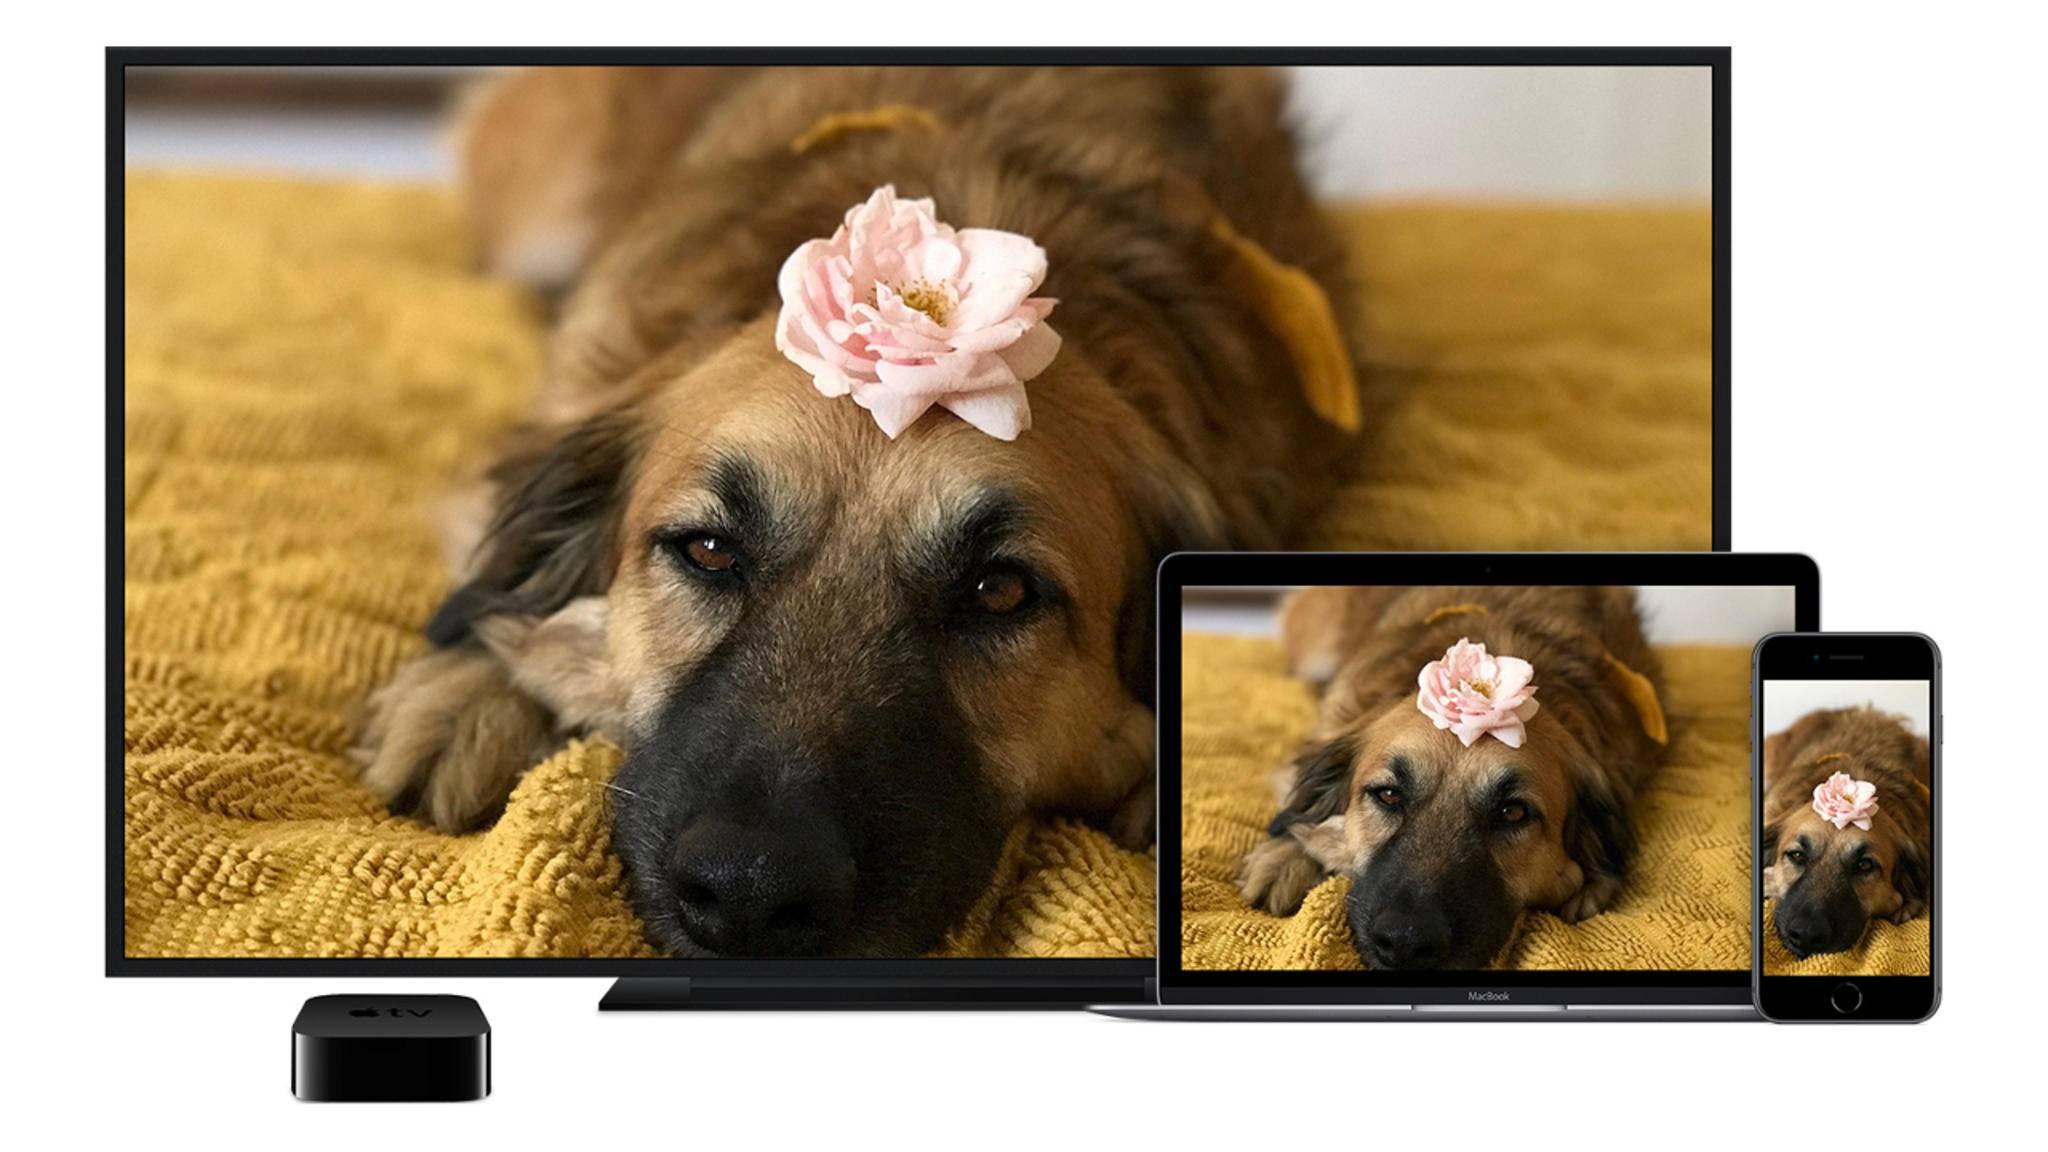 Mit Apple TV kannst Du Deinen iPhone-Bildschirm ganz einfach auf dem Fernseher spiegeln.